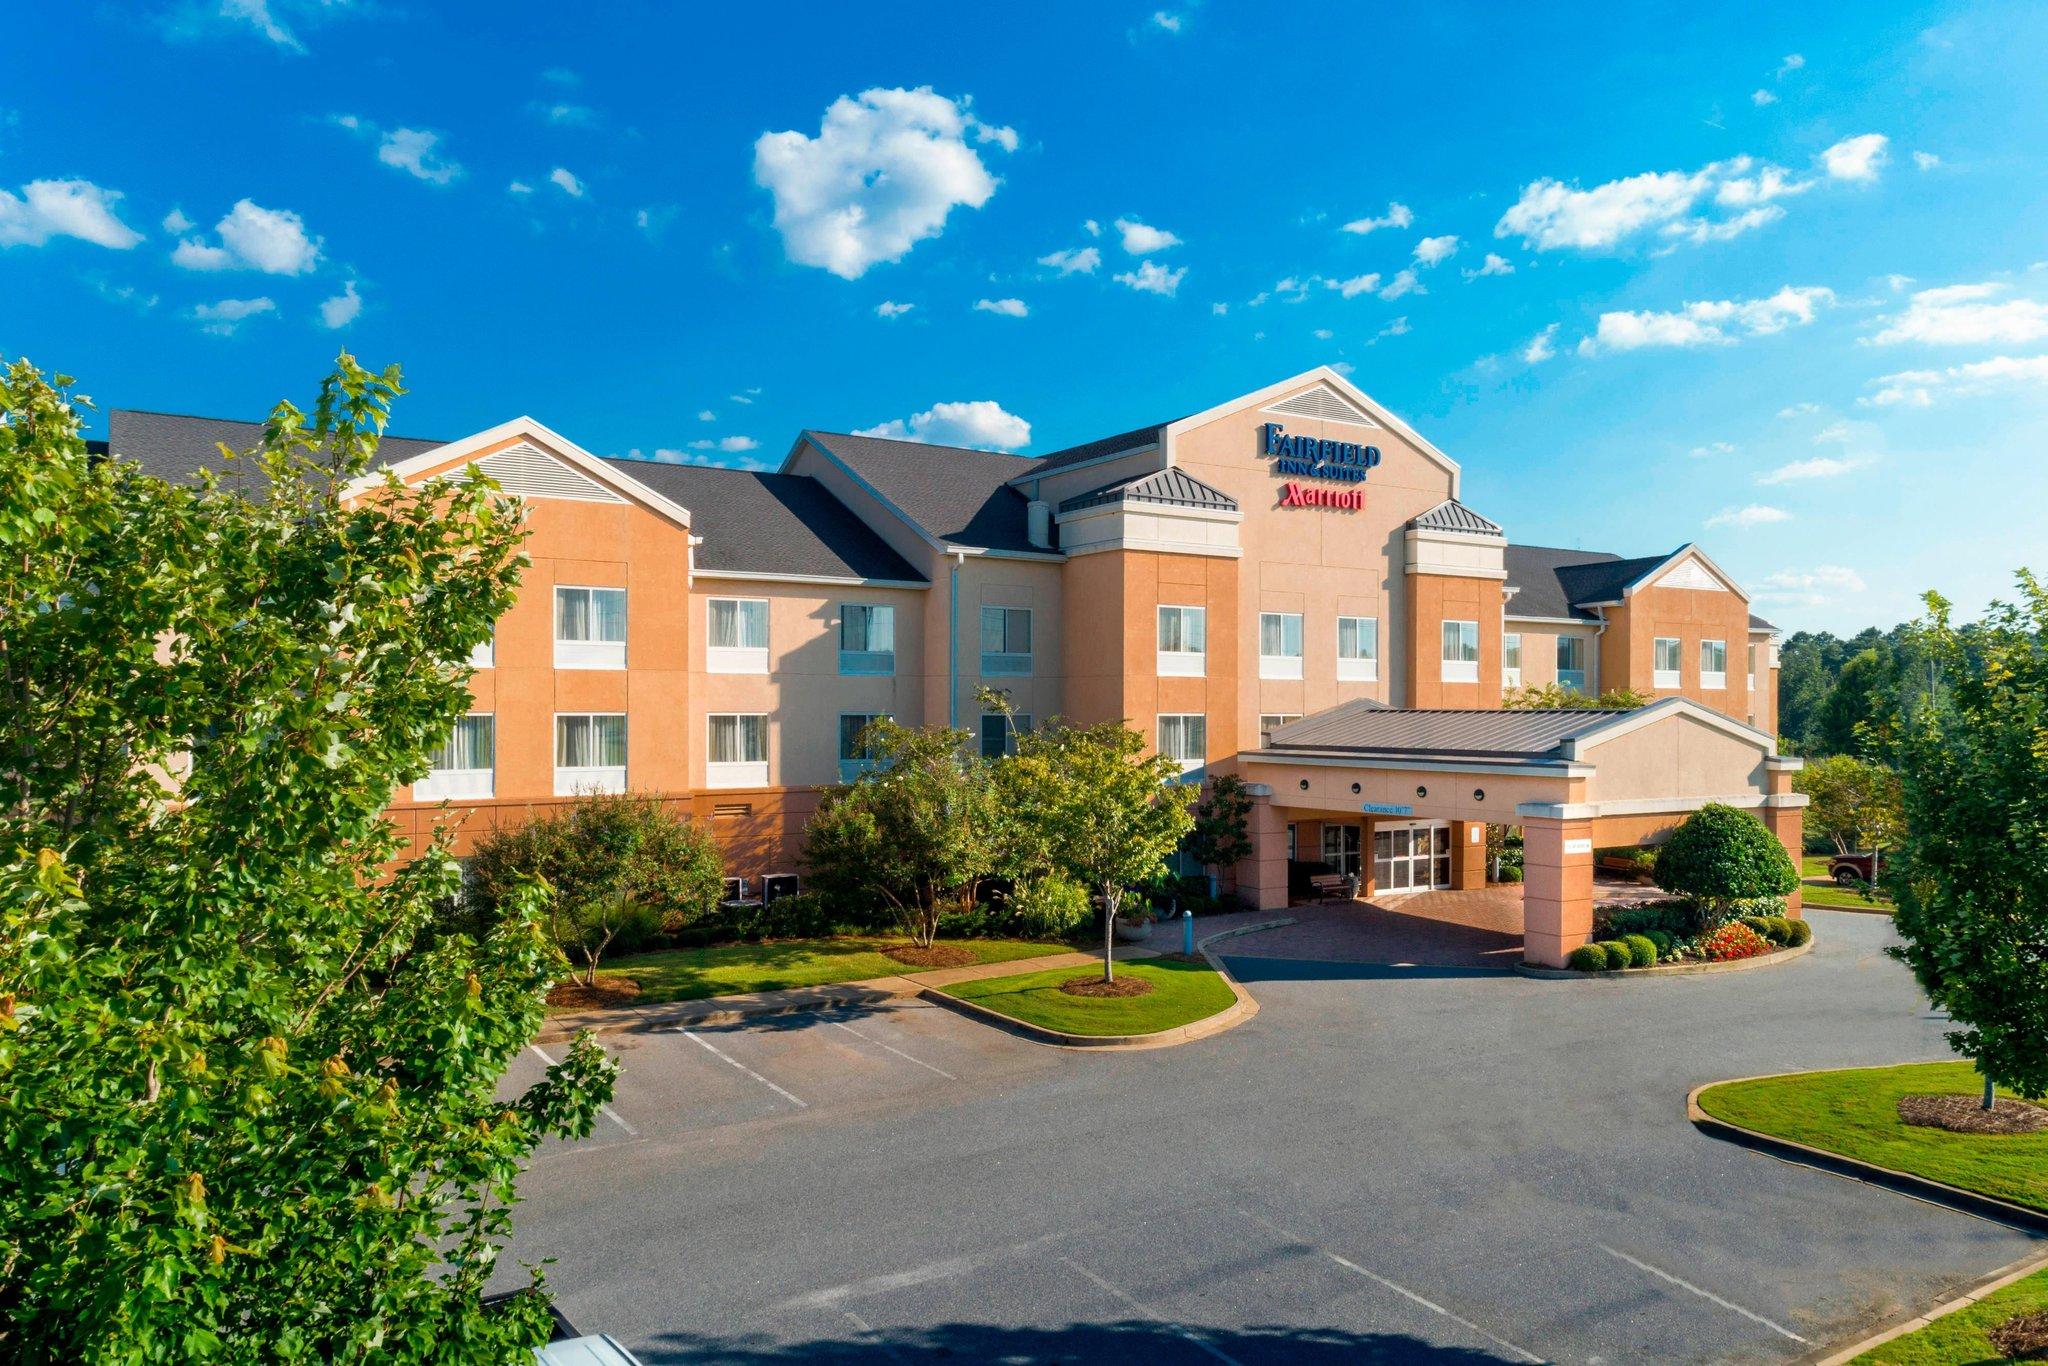 Fairfield Inn and Suites by Marriott Auburn Opelika